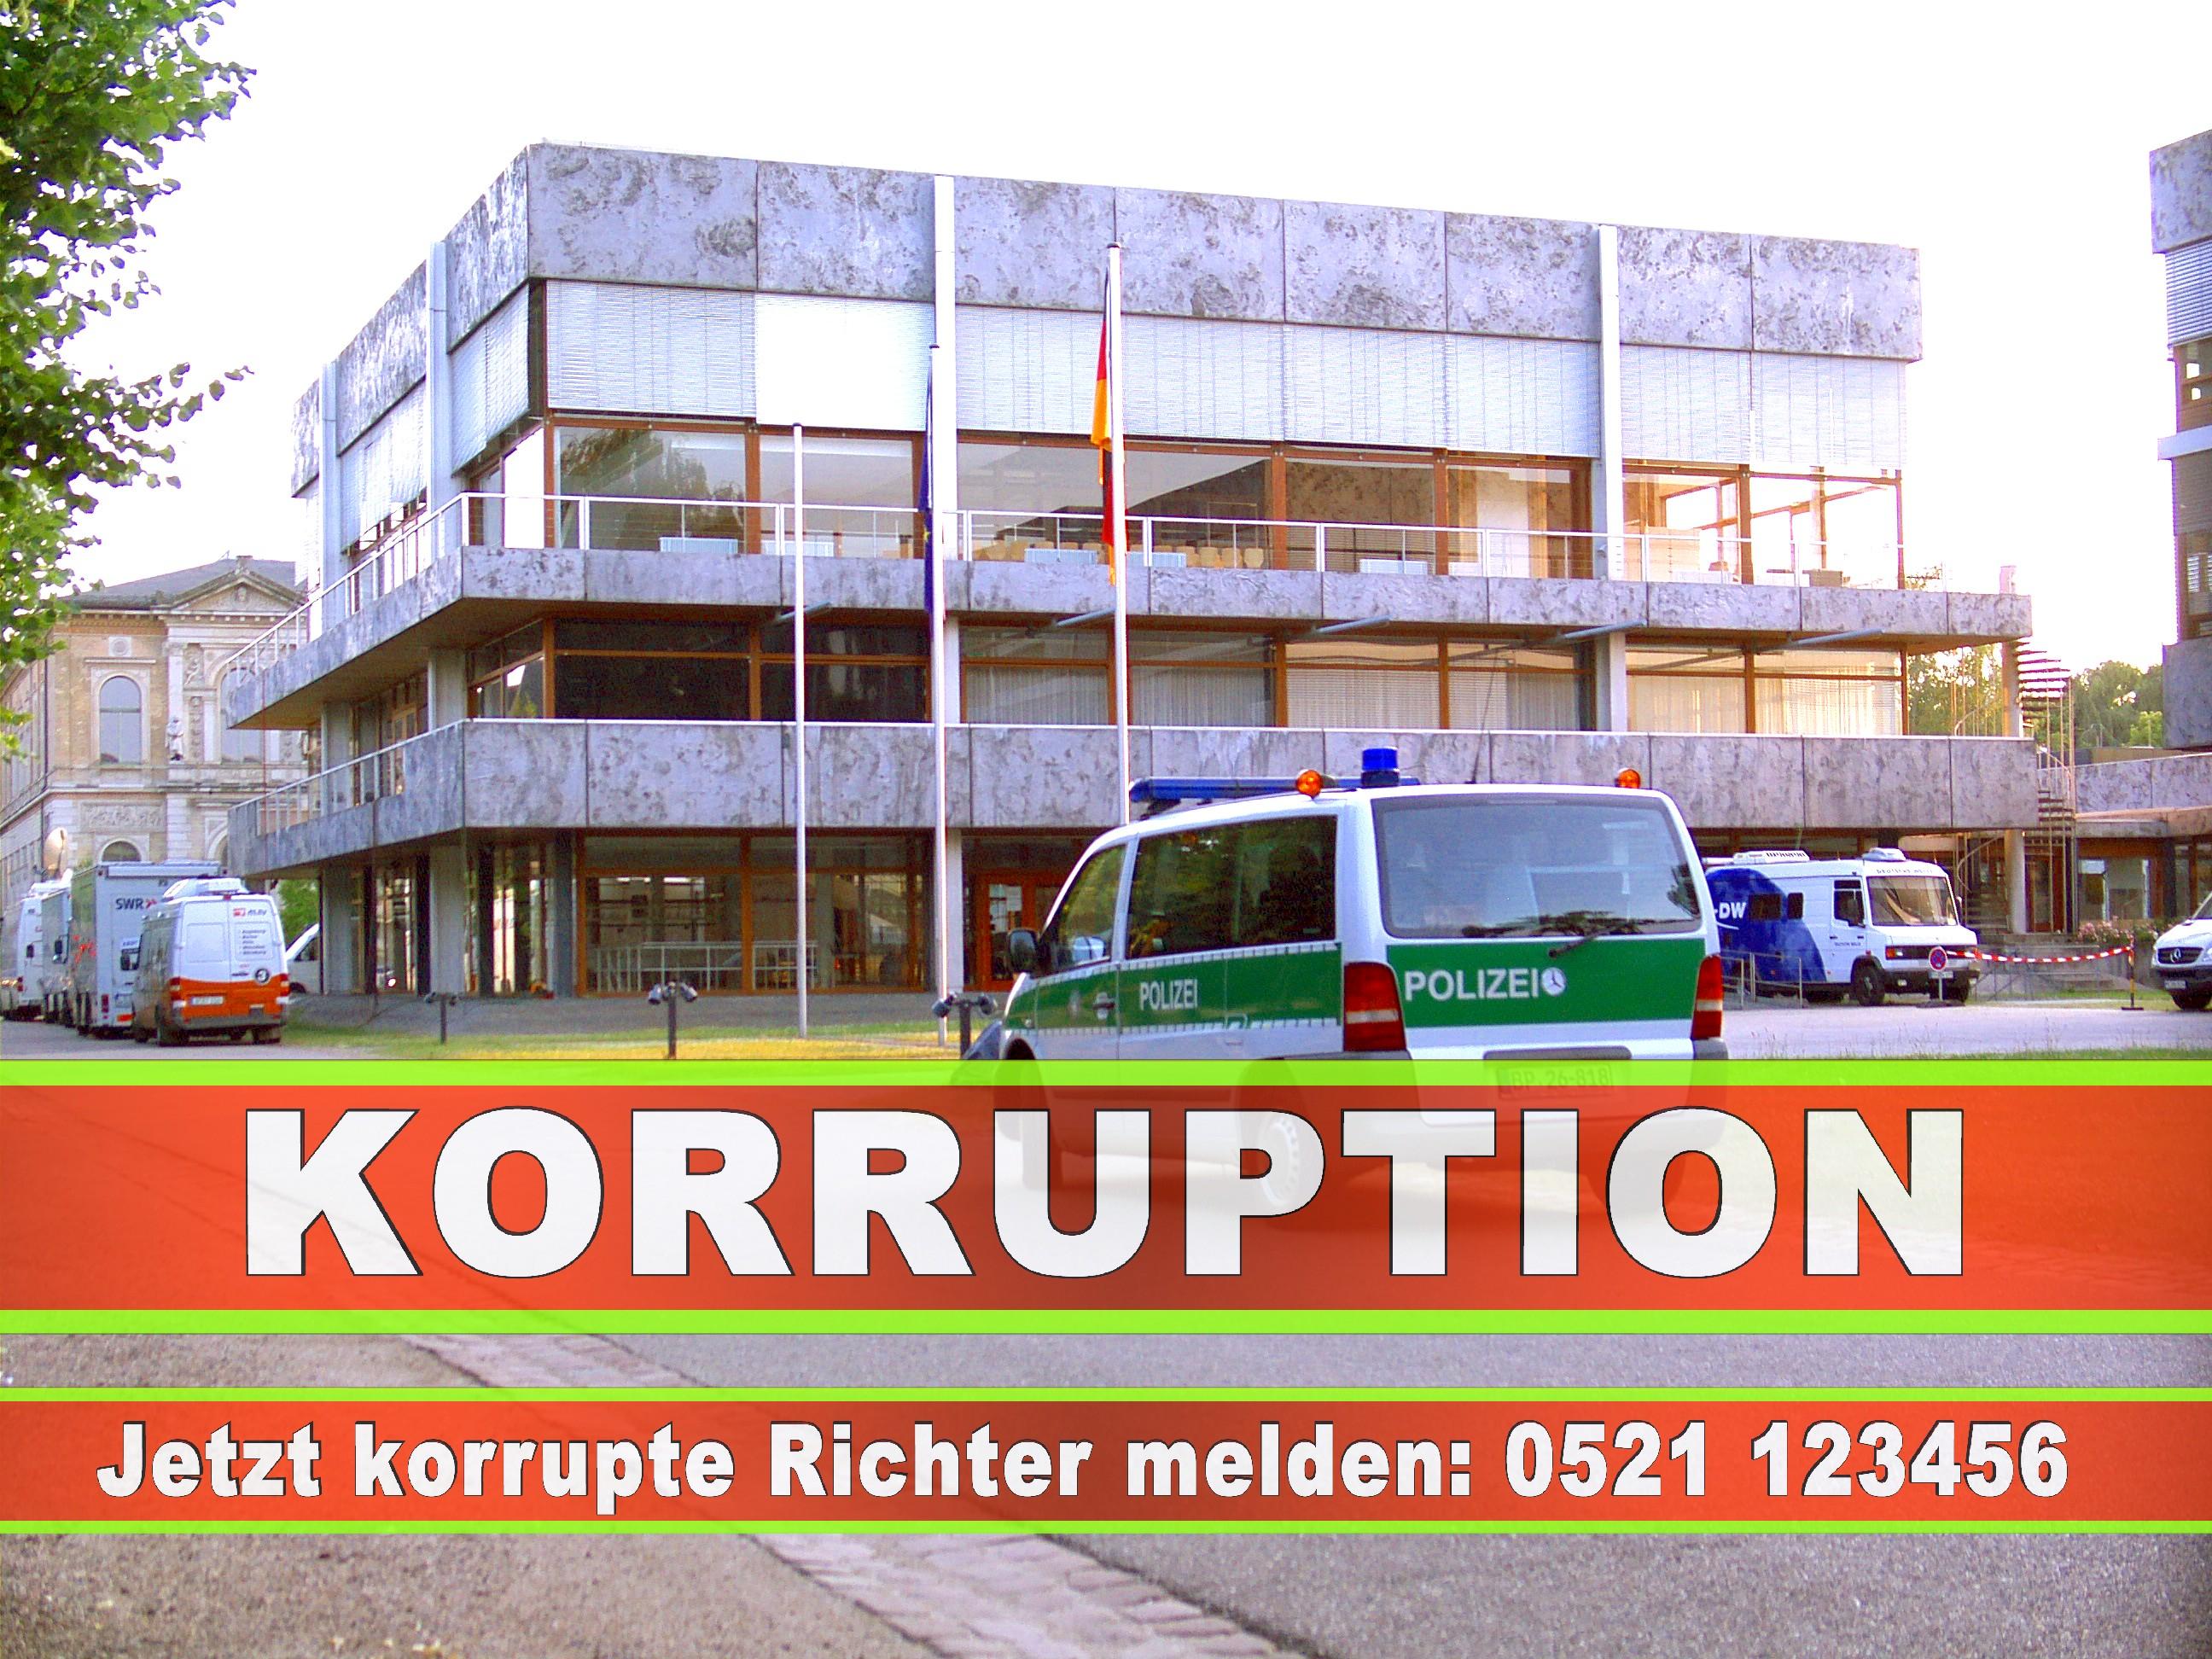 Bundesverfassungsgericht Karlsruhe Richter Korruption Aufgaben Urteile Termine Anfahrt Bilder Fotos Adresse Telefon (2)